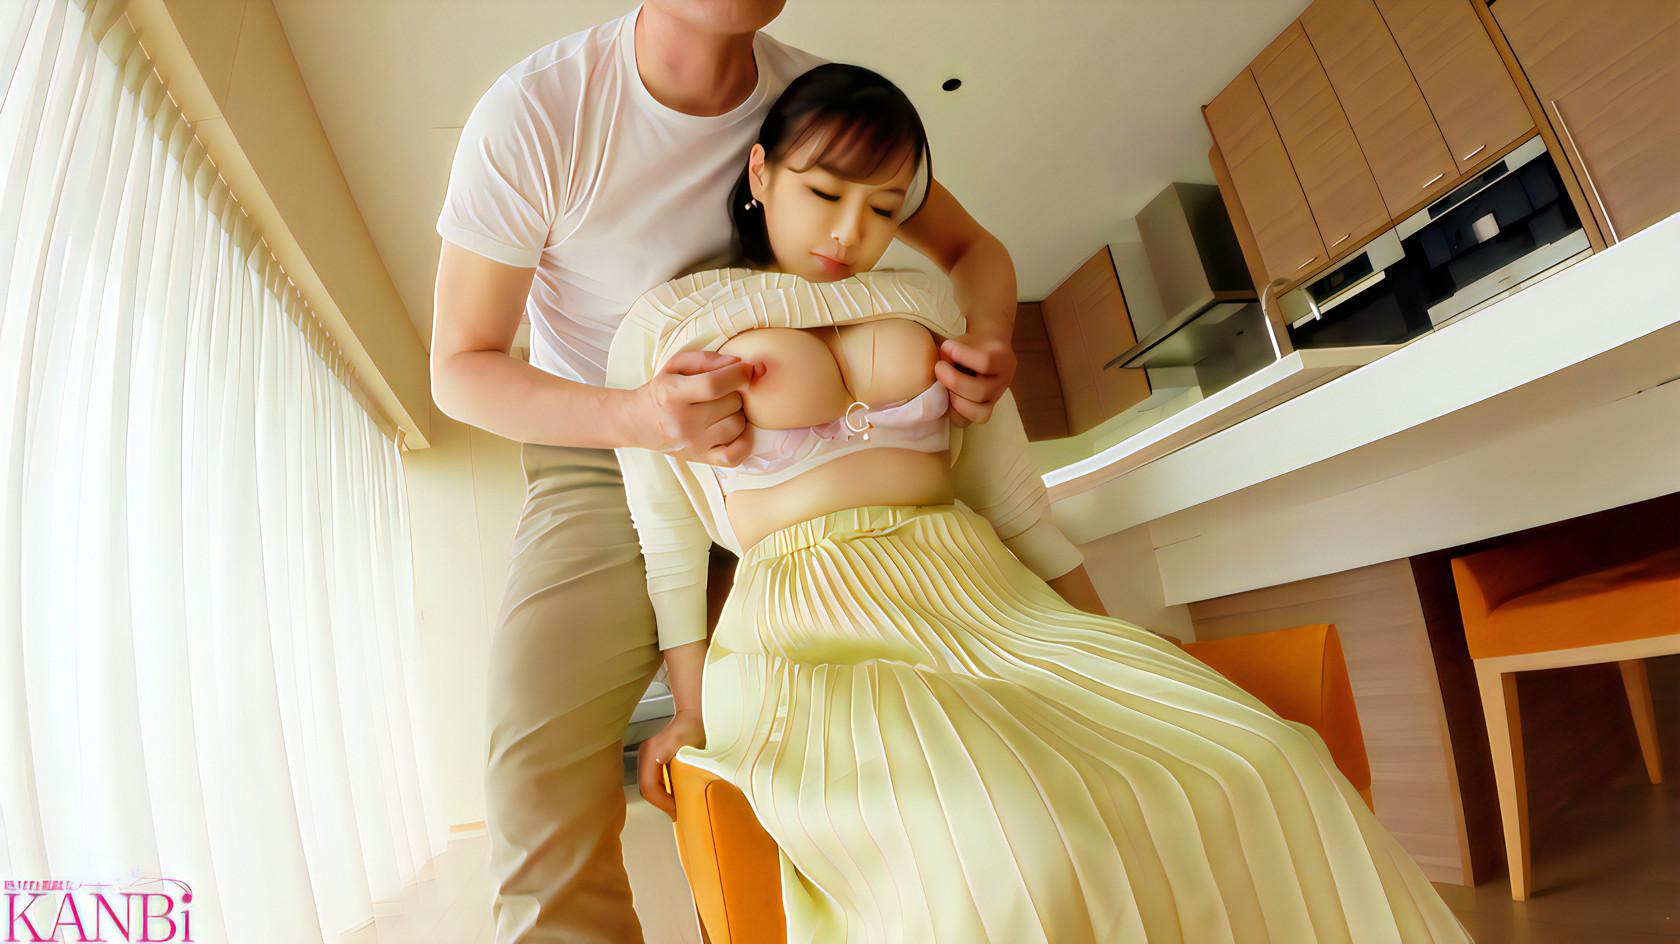 女子の乳首を攻める